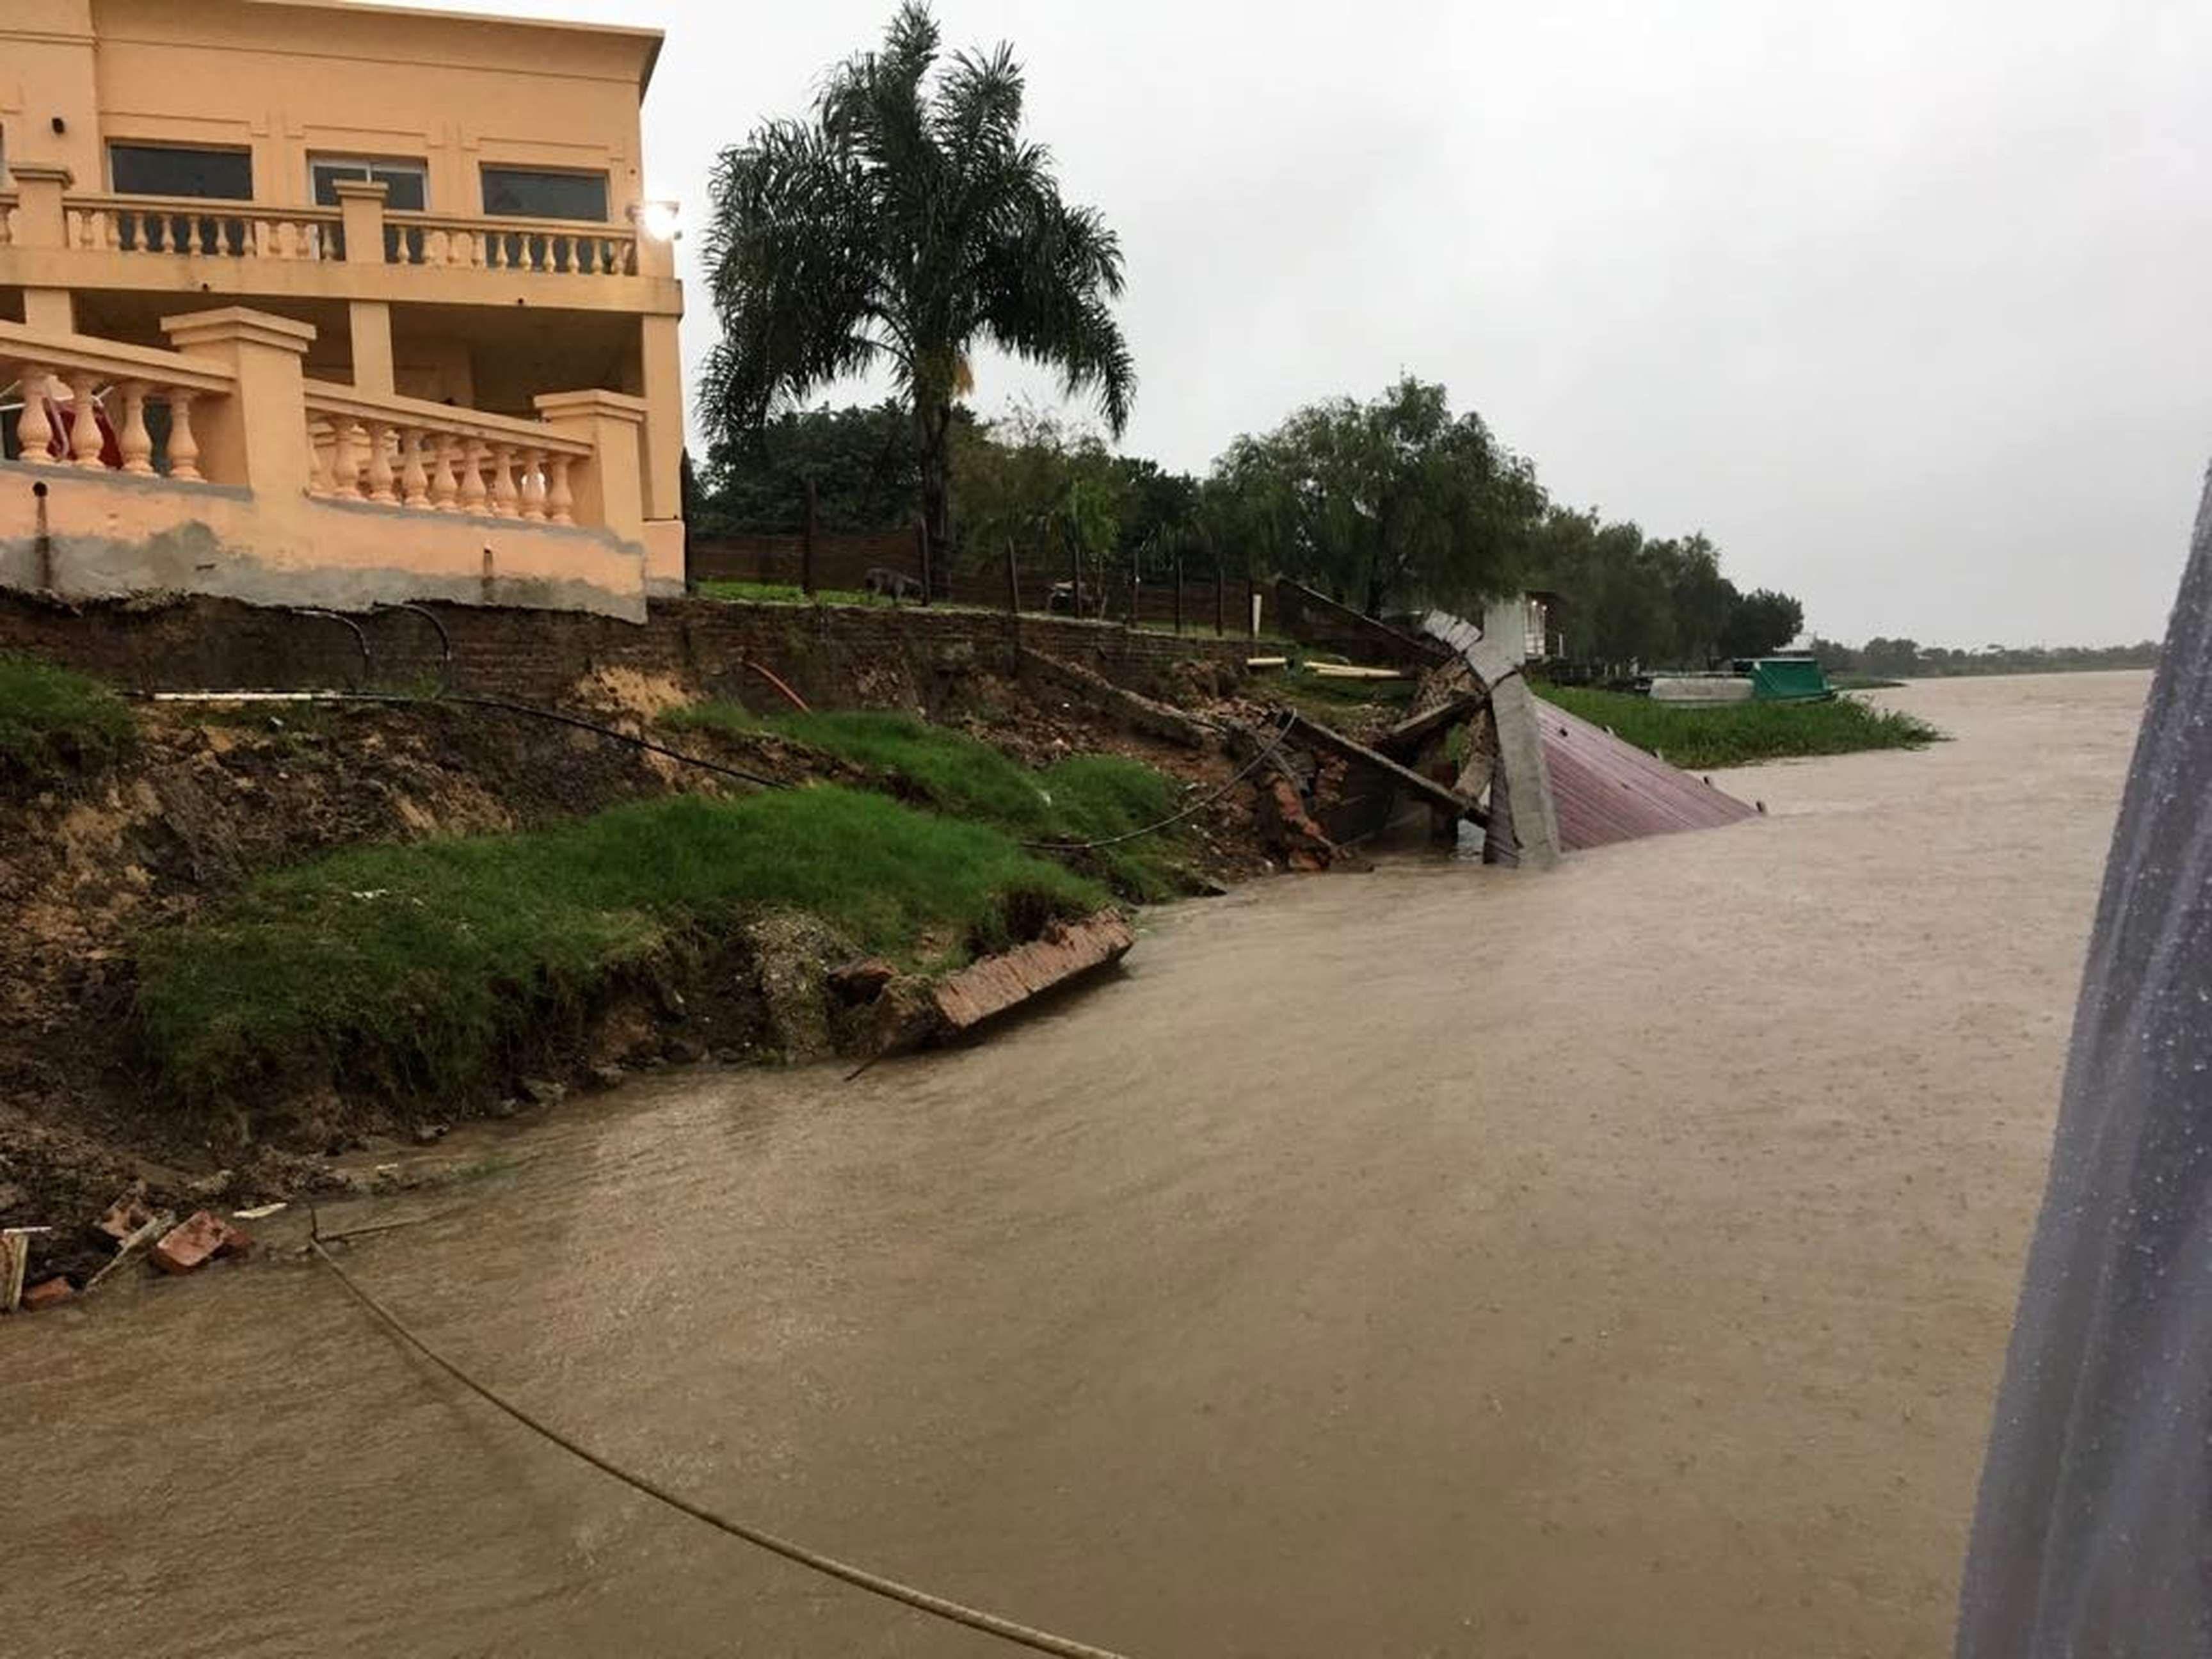 La lluvia provocó una fuerte crecida en los ríos litoraleños